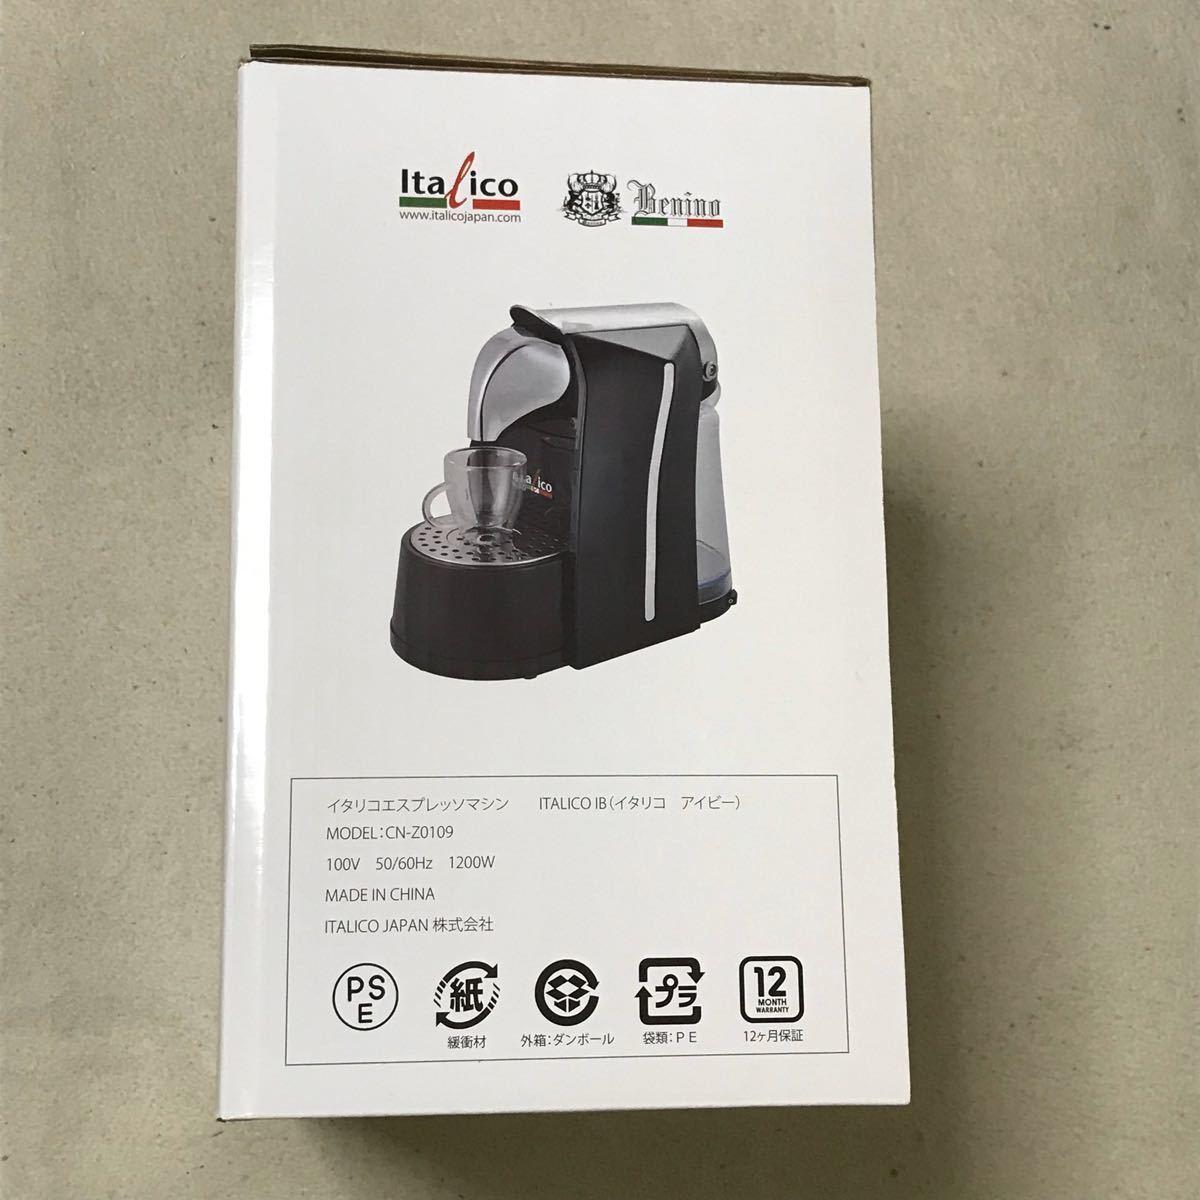 Italico IB イタリコ アイビー エスプレッソマシン CN-Z0109